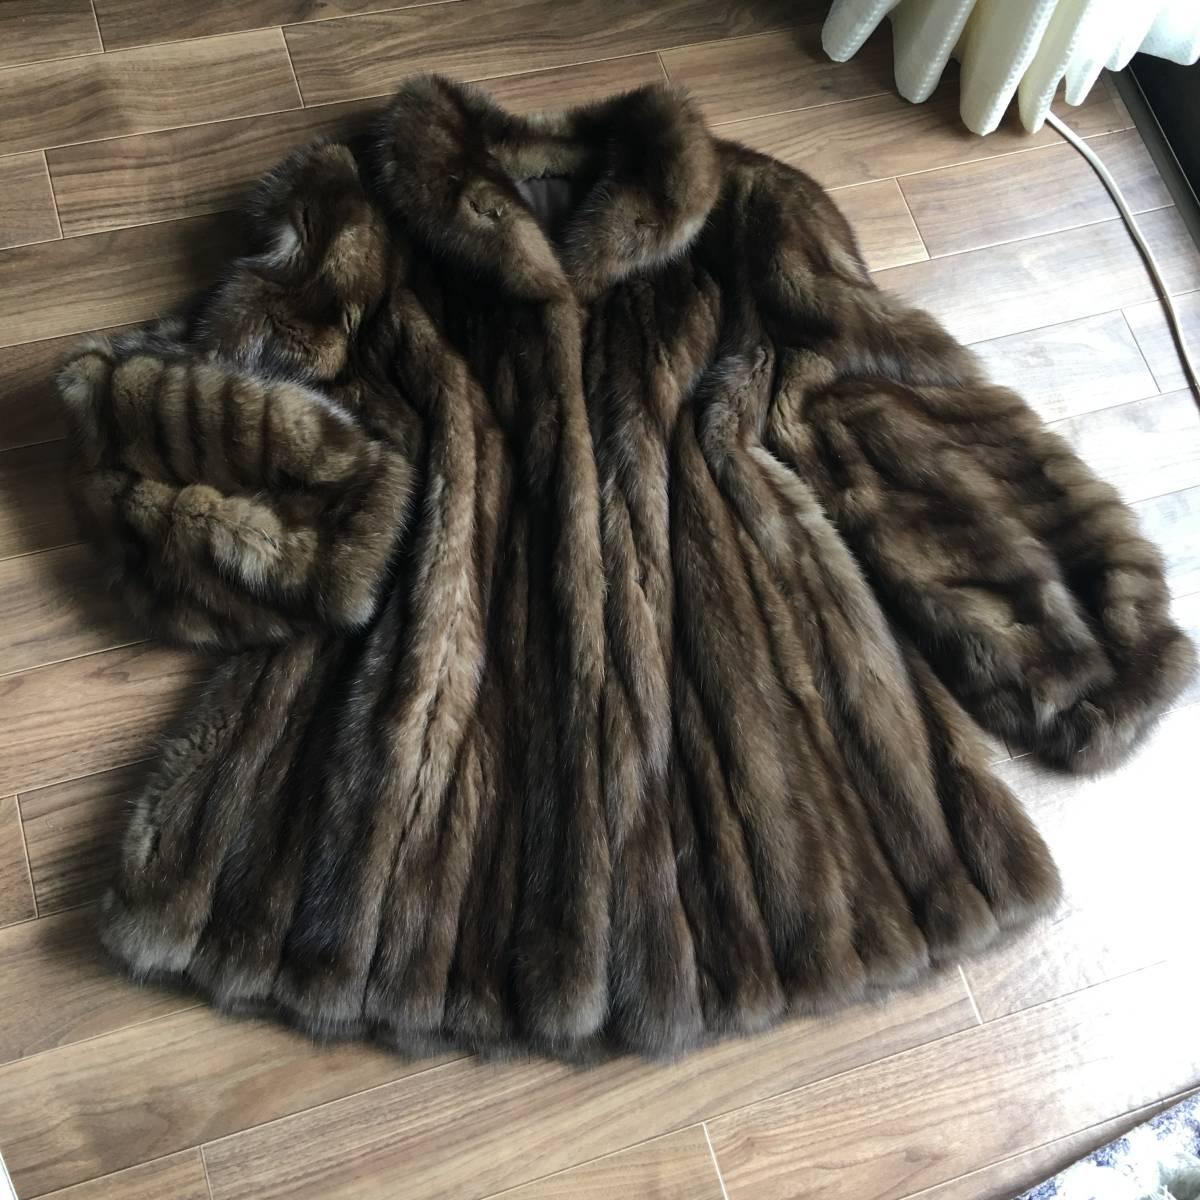 素晴らしい毛並み!SOBOLブランドのロシアンセーブル ミドルコート 美品